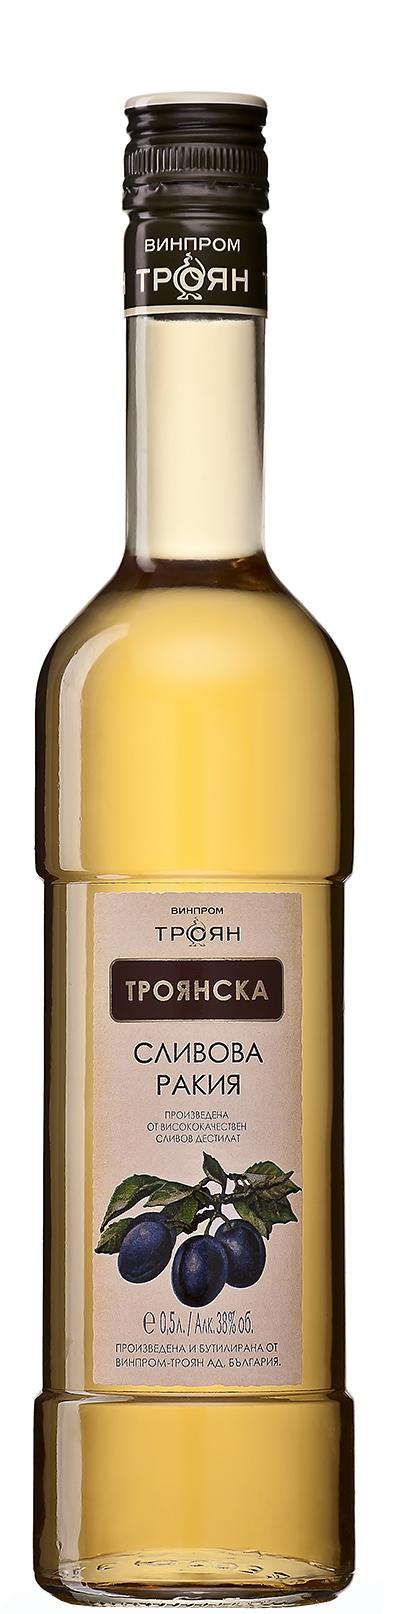 Троянска Сливова Ракия 0.5 л